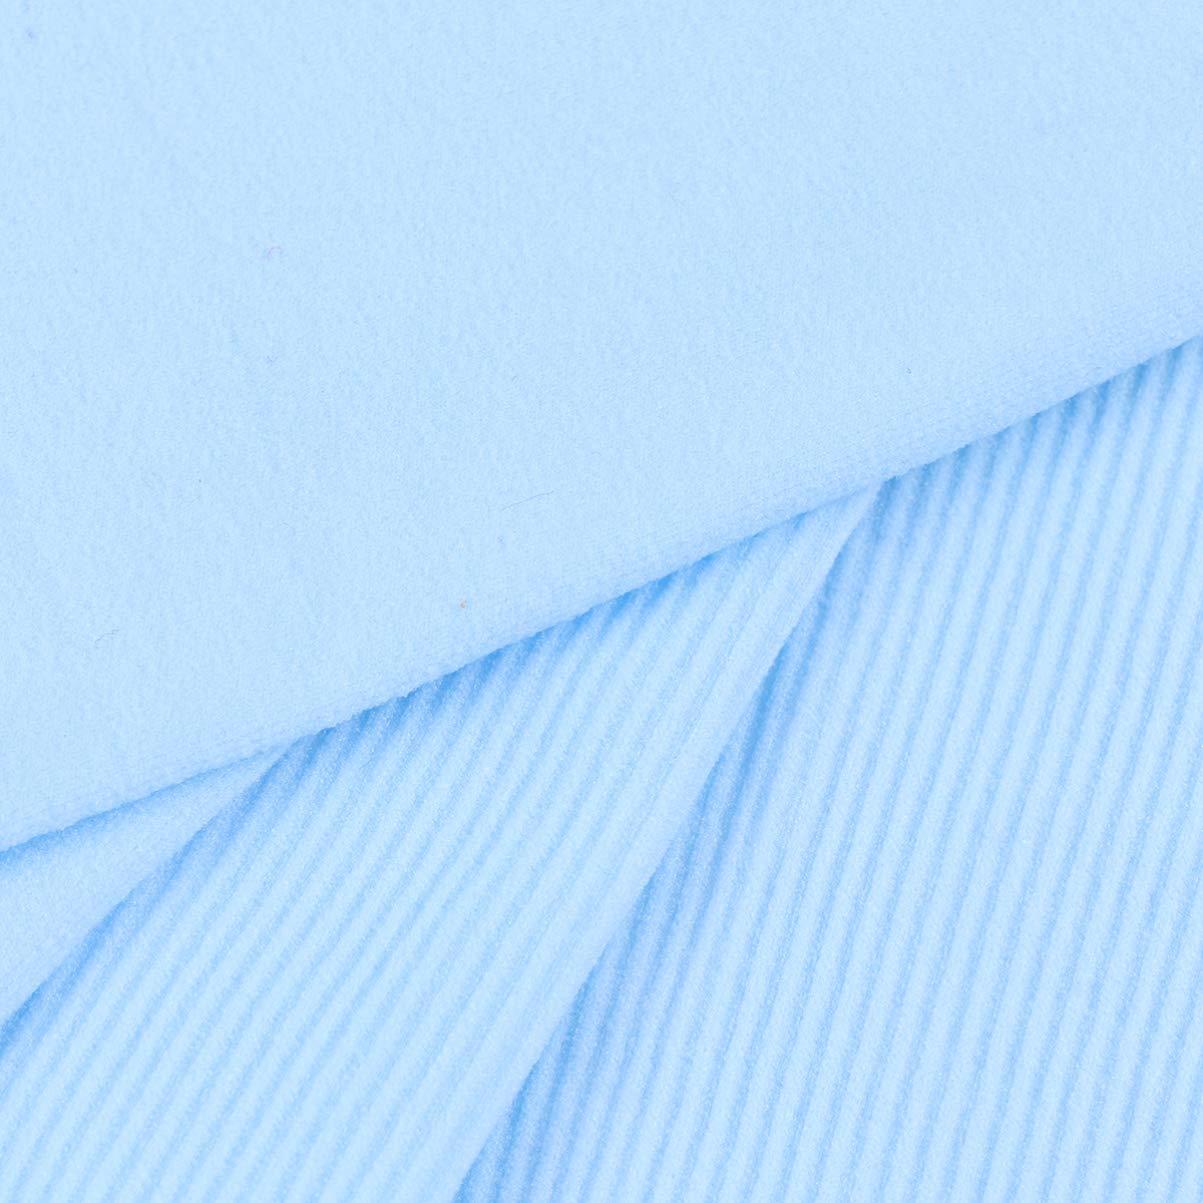 LIOOBO 4 Pares Protecci/ón UV Mangas del Brazo de Enfriamiento Calentadores de Brazos Cubierta del Brazo para Hombres Mujeres J/óvenes Ciclismo Conducci/ón Correr al Aire Libre Blanco Azul